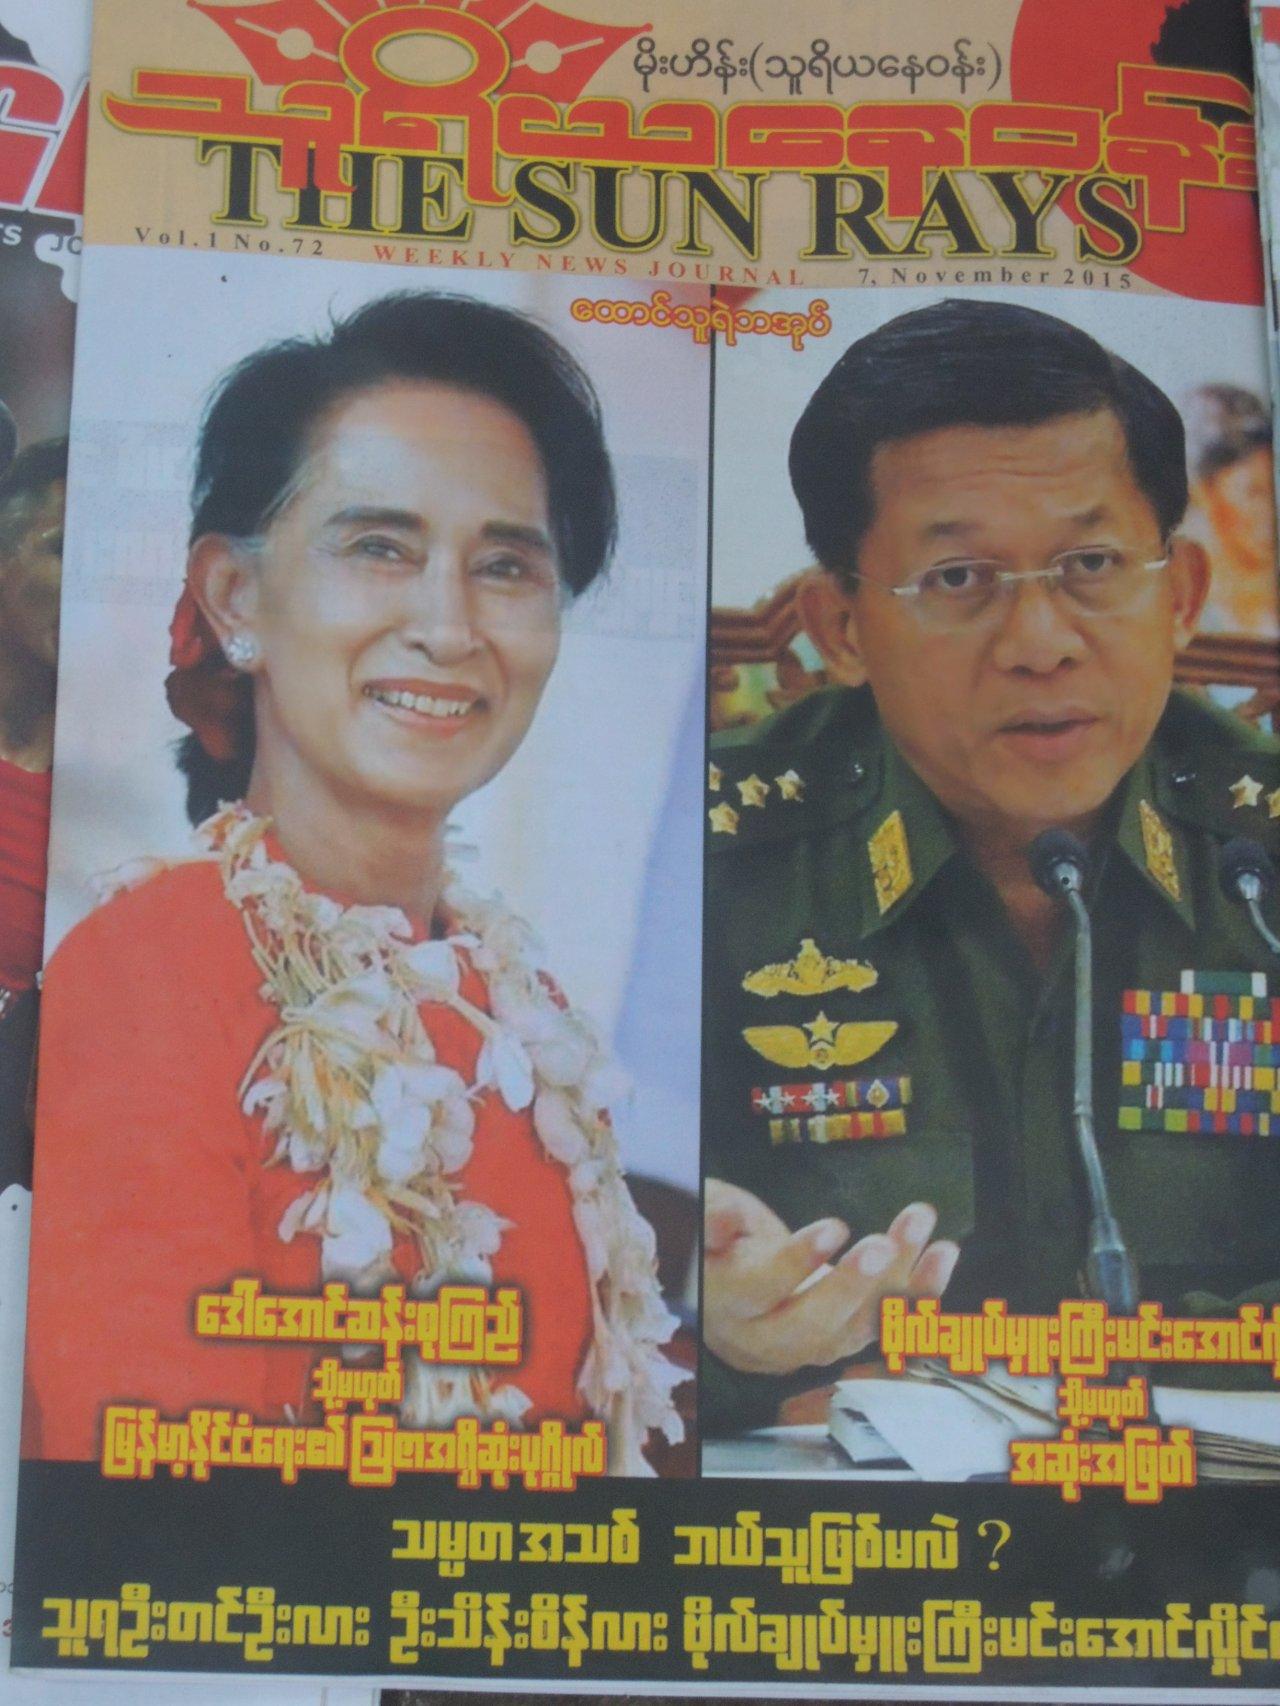 民主路崎嶇 緬甸會成為東南亞的埃及嗎?